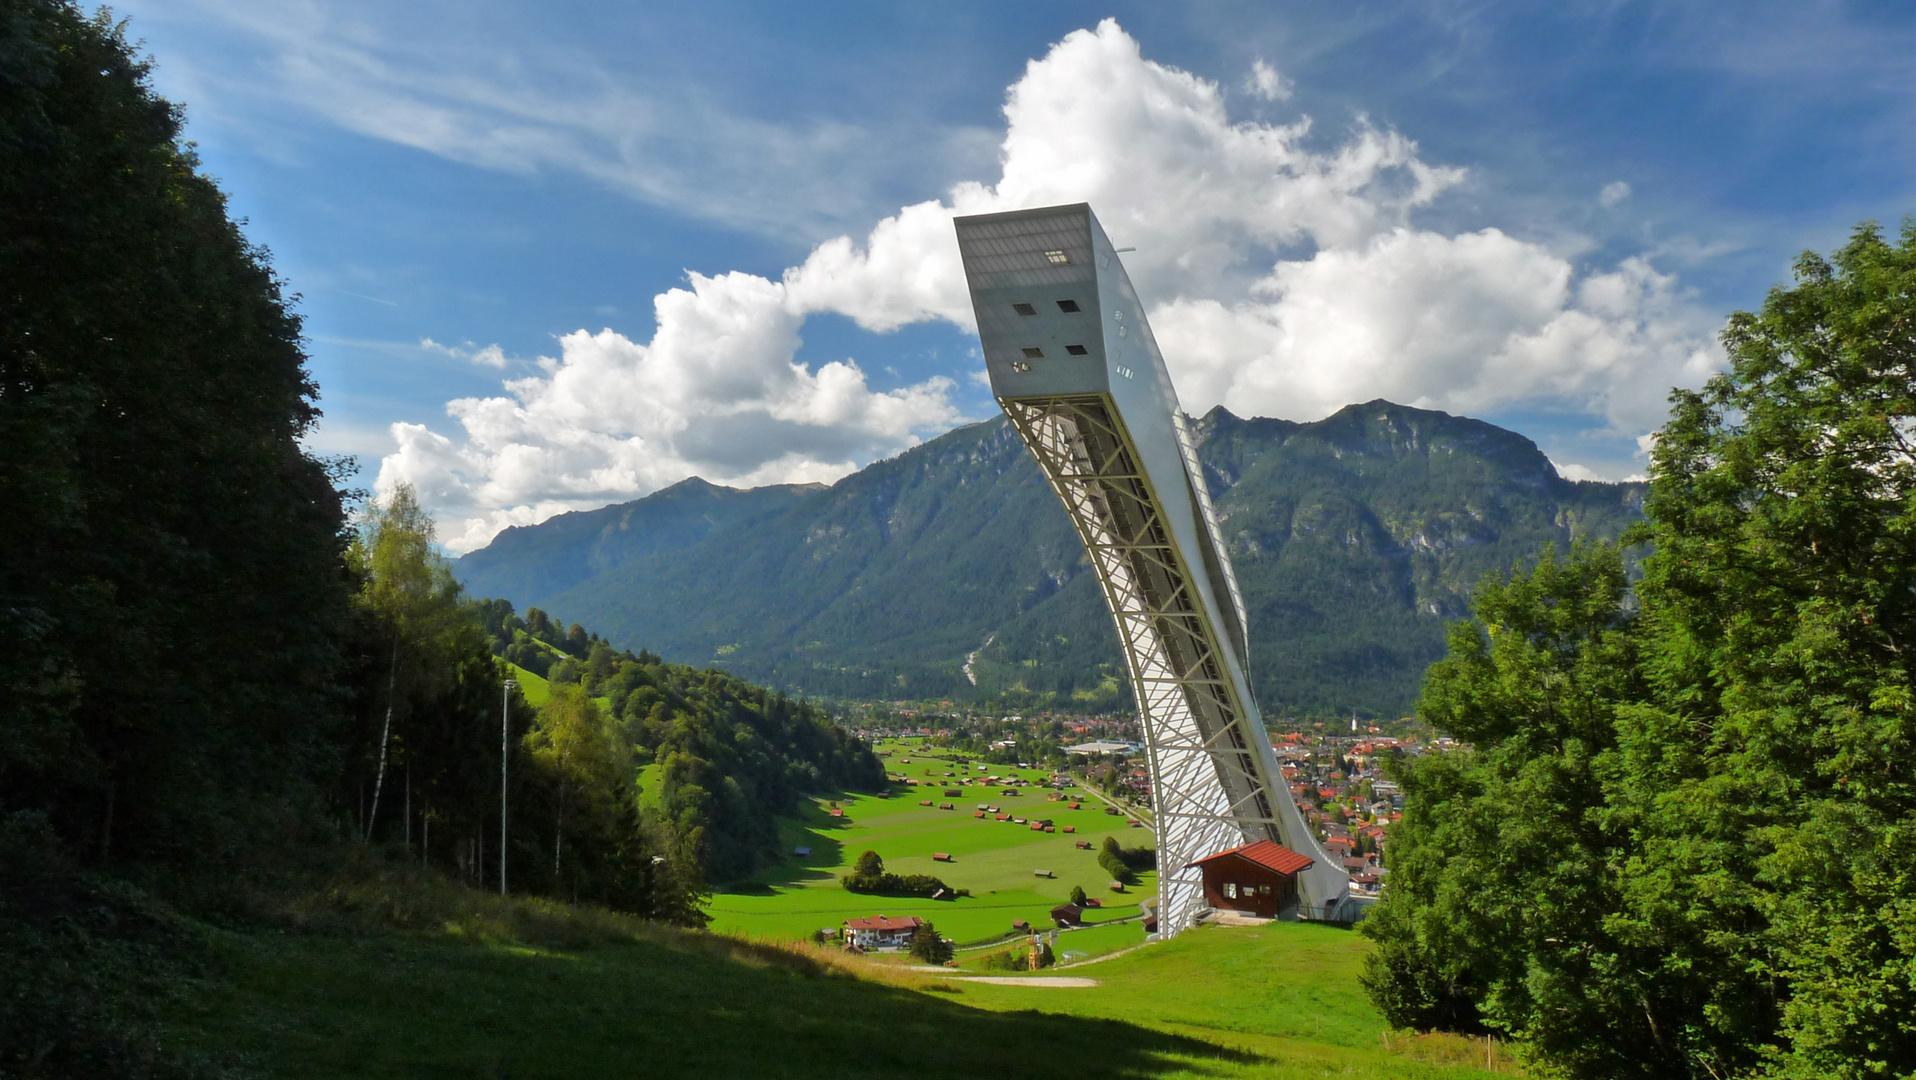 Skischanze 2